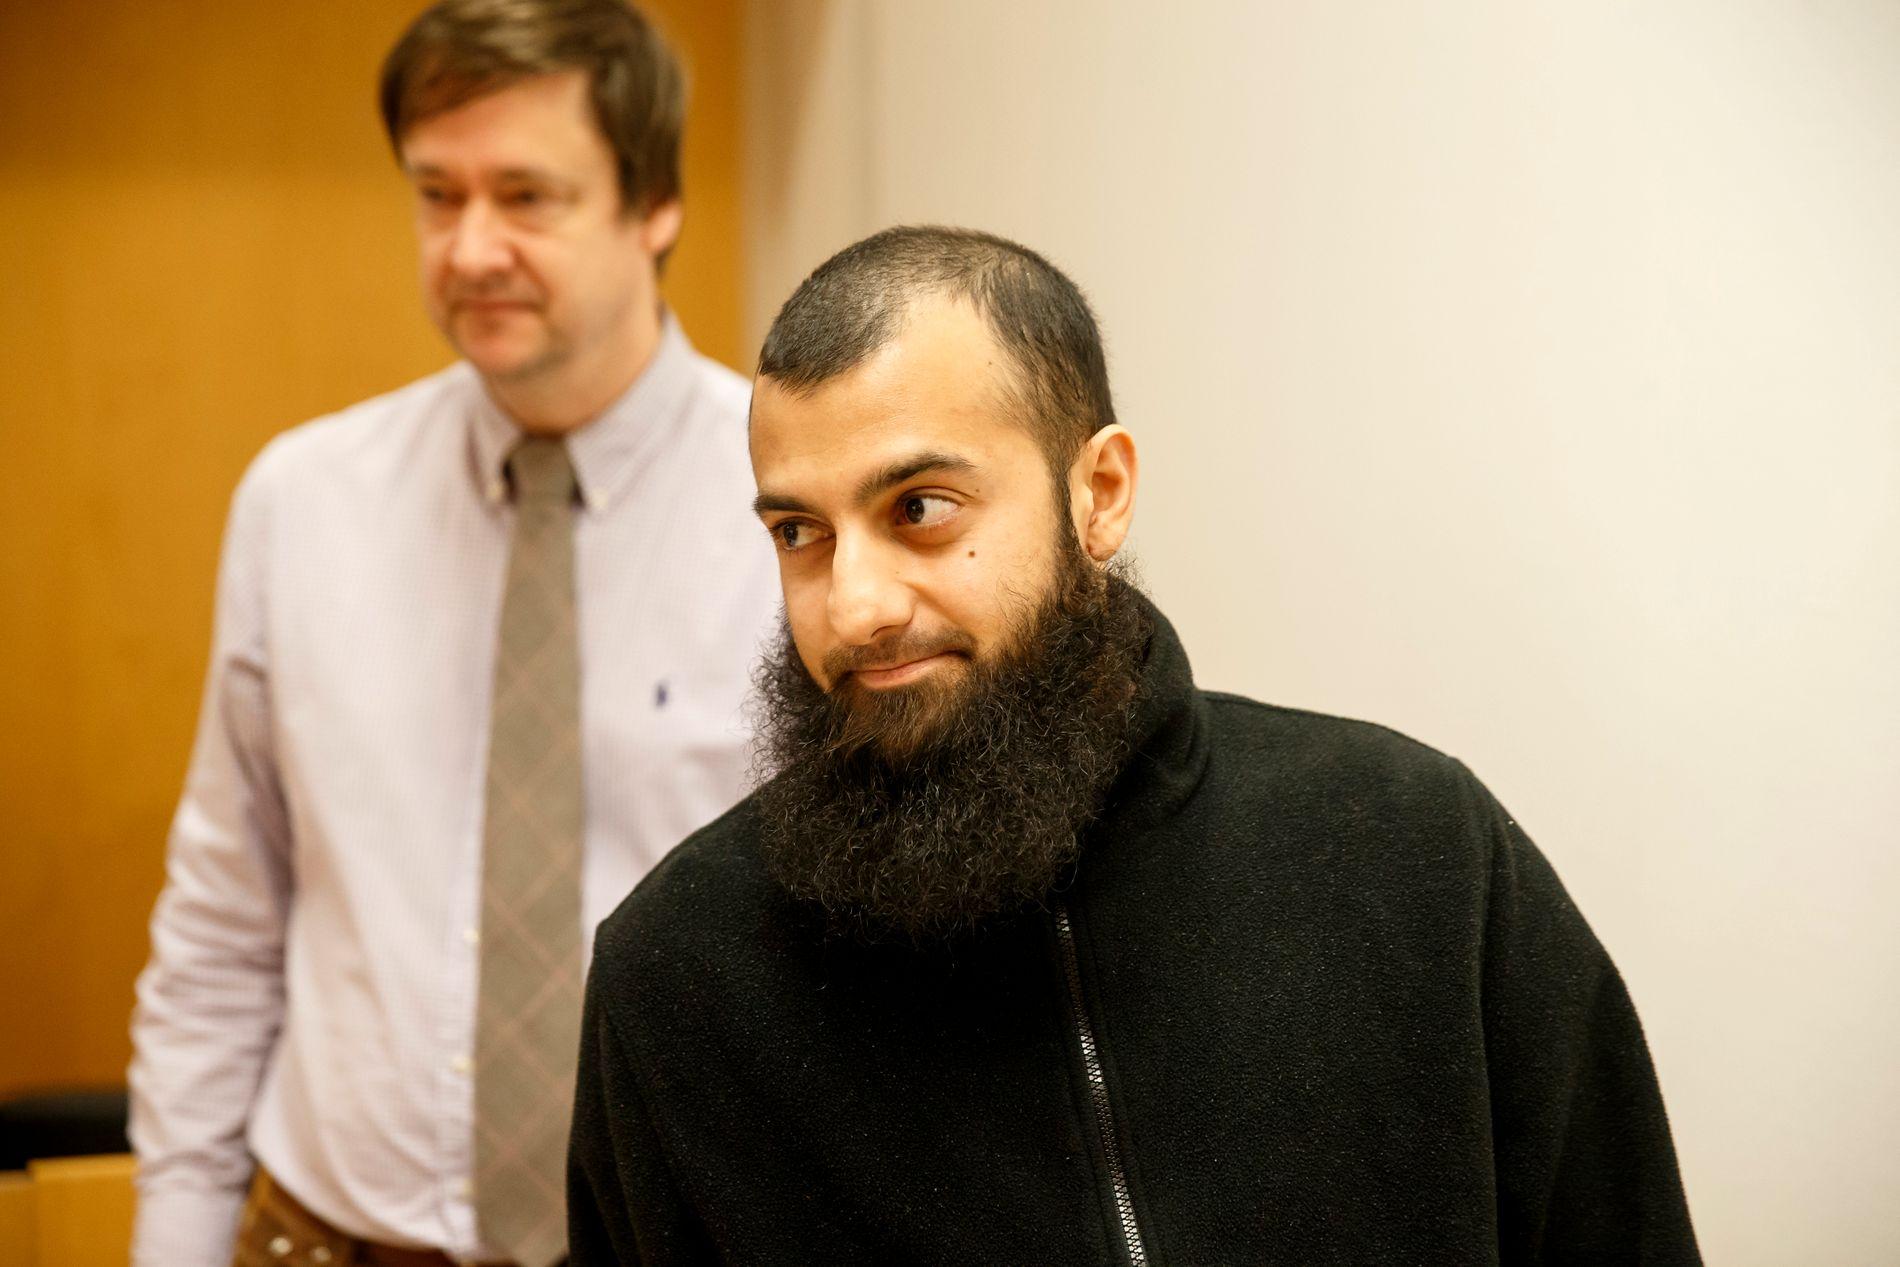 Ubaydullah Hussain under et rettsmøte i 2016. Høyesterett opprettholder dommen på ni års fengsel fra lagmannsretten. Foto: Cornelius Poppe / NTB scanpix